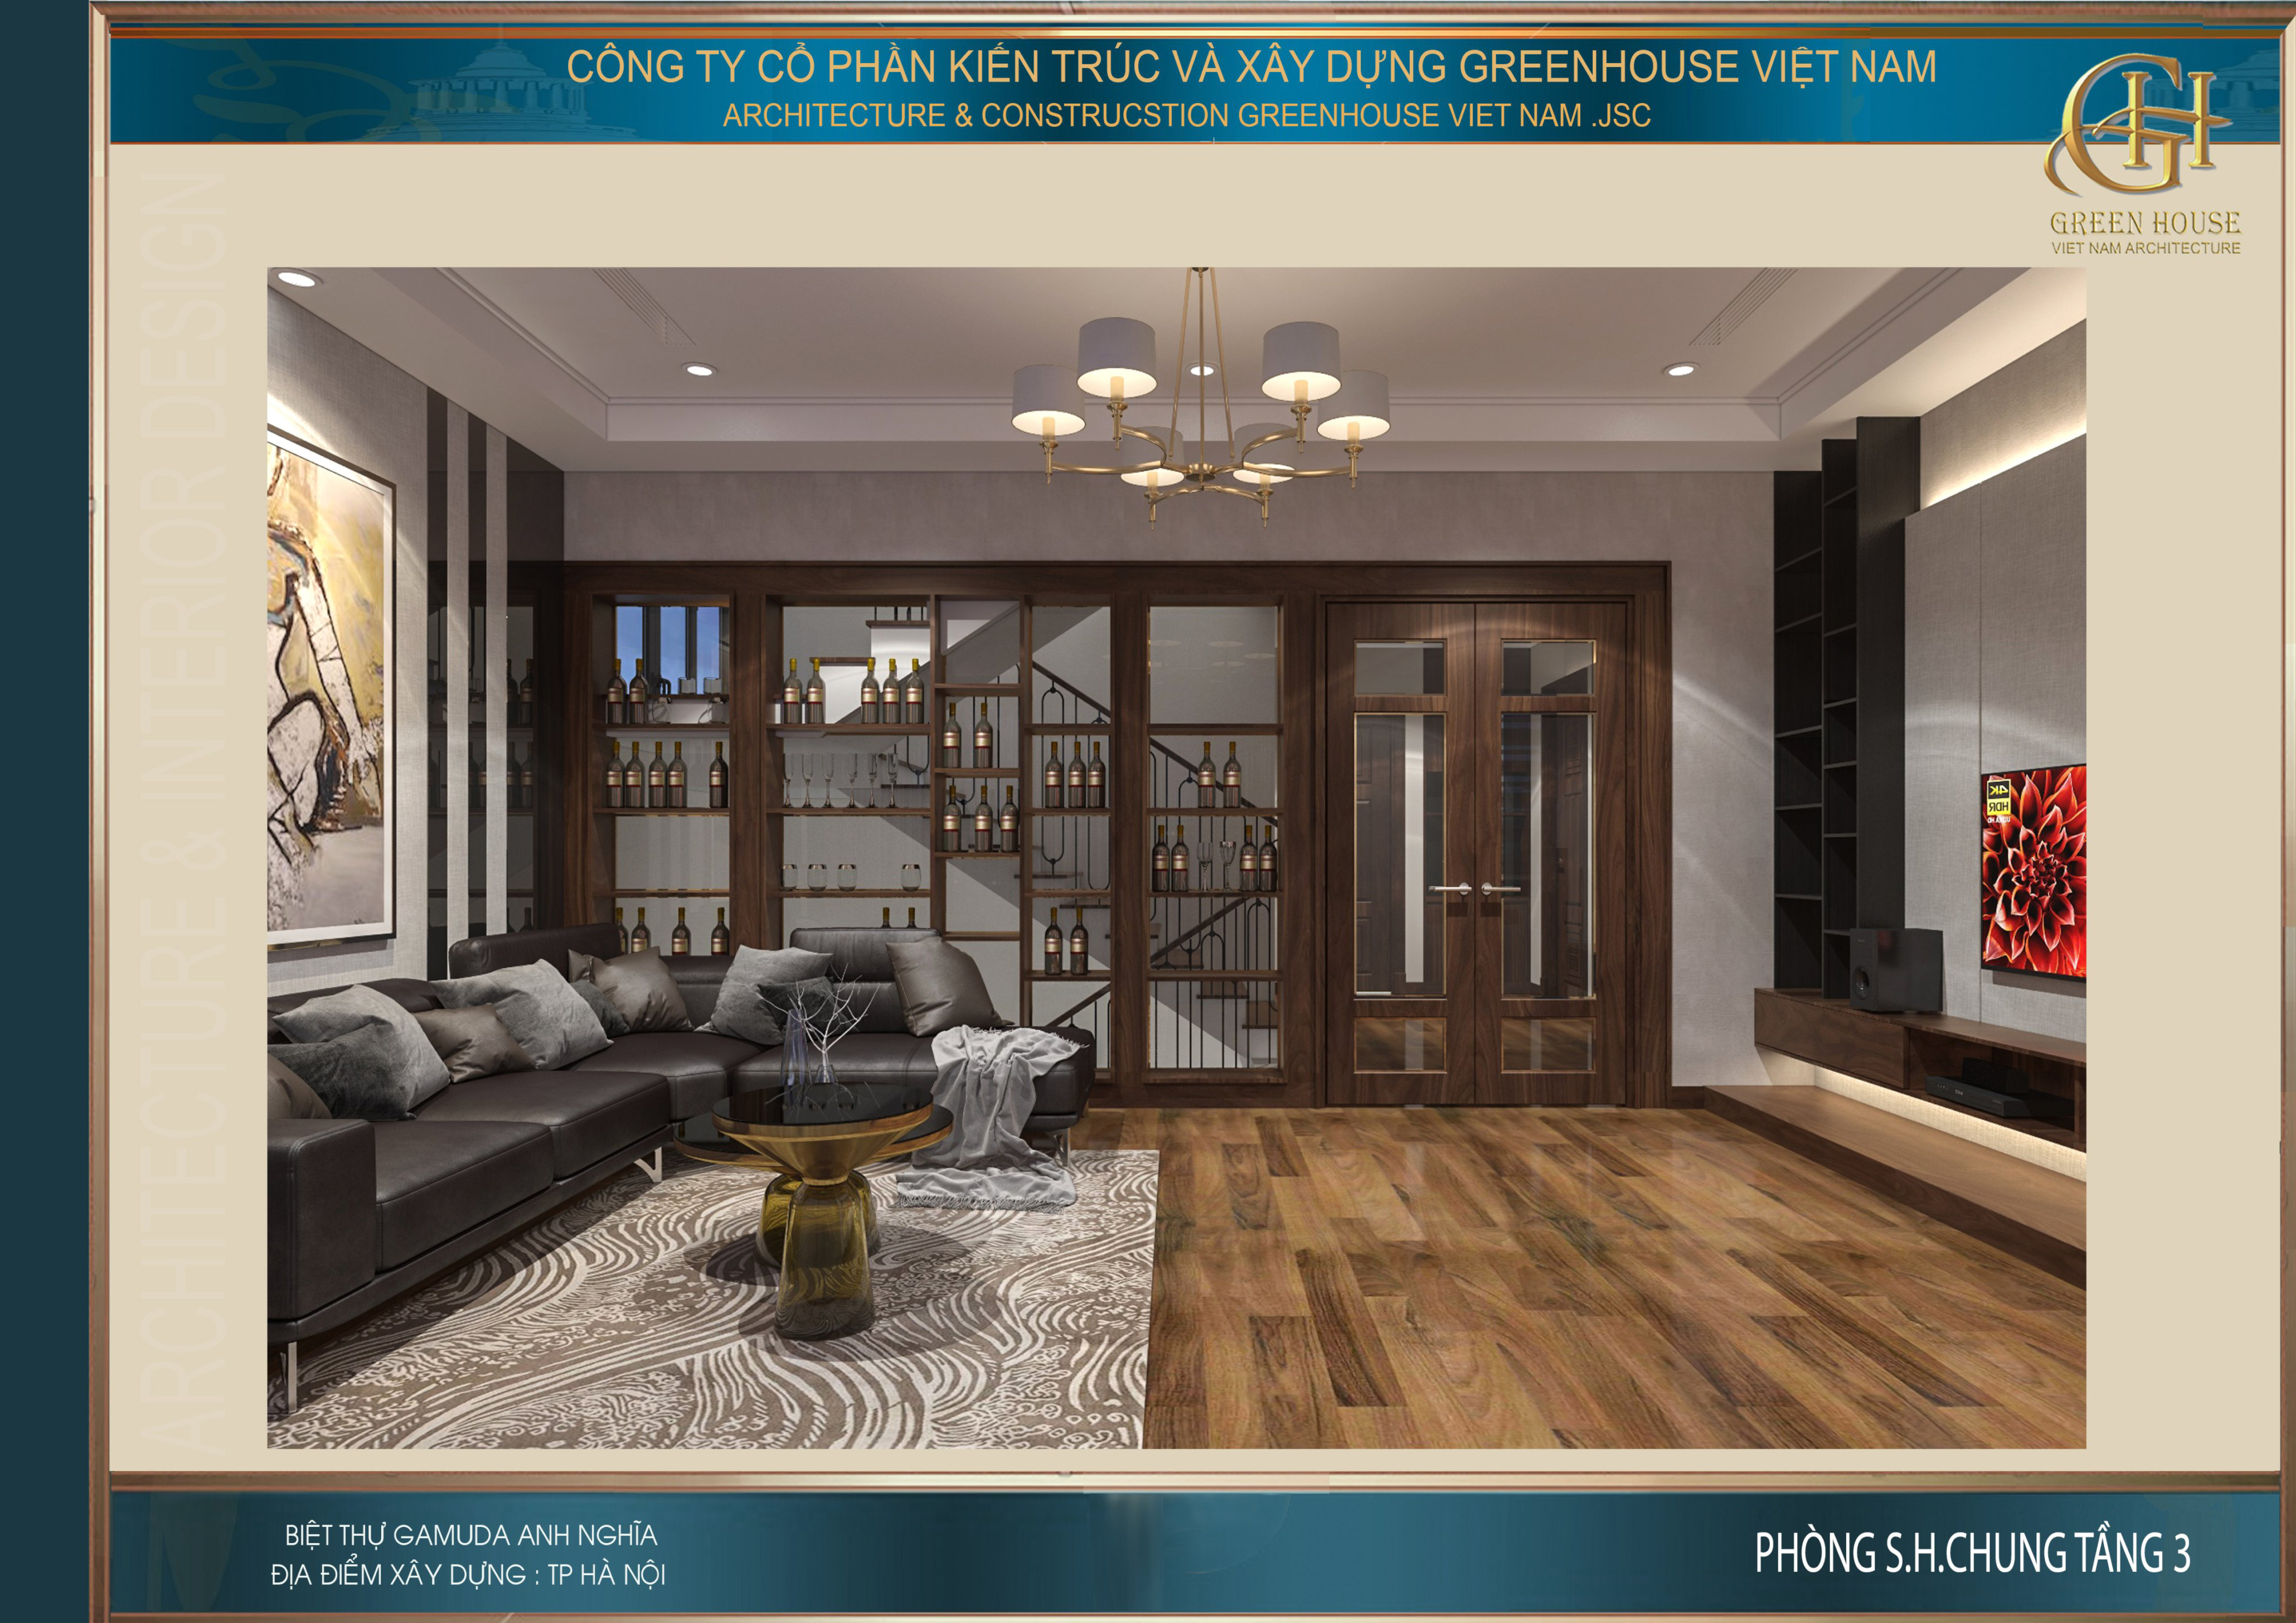 Thiết kế phòng sinh hoạt chung của biệt thự hiện đại tại Hà Nội